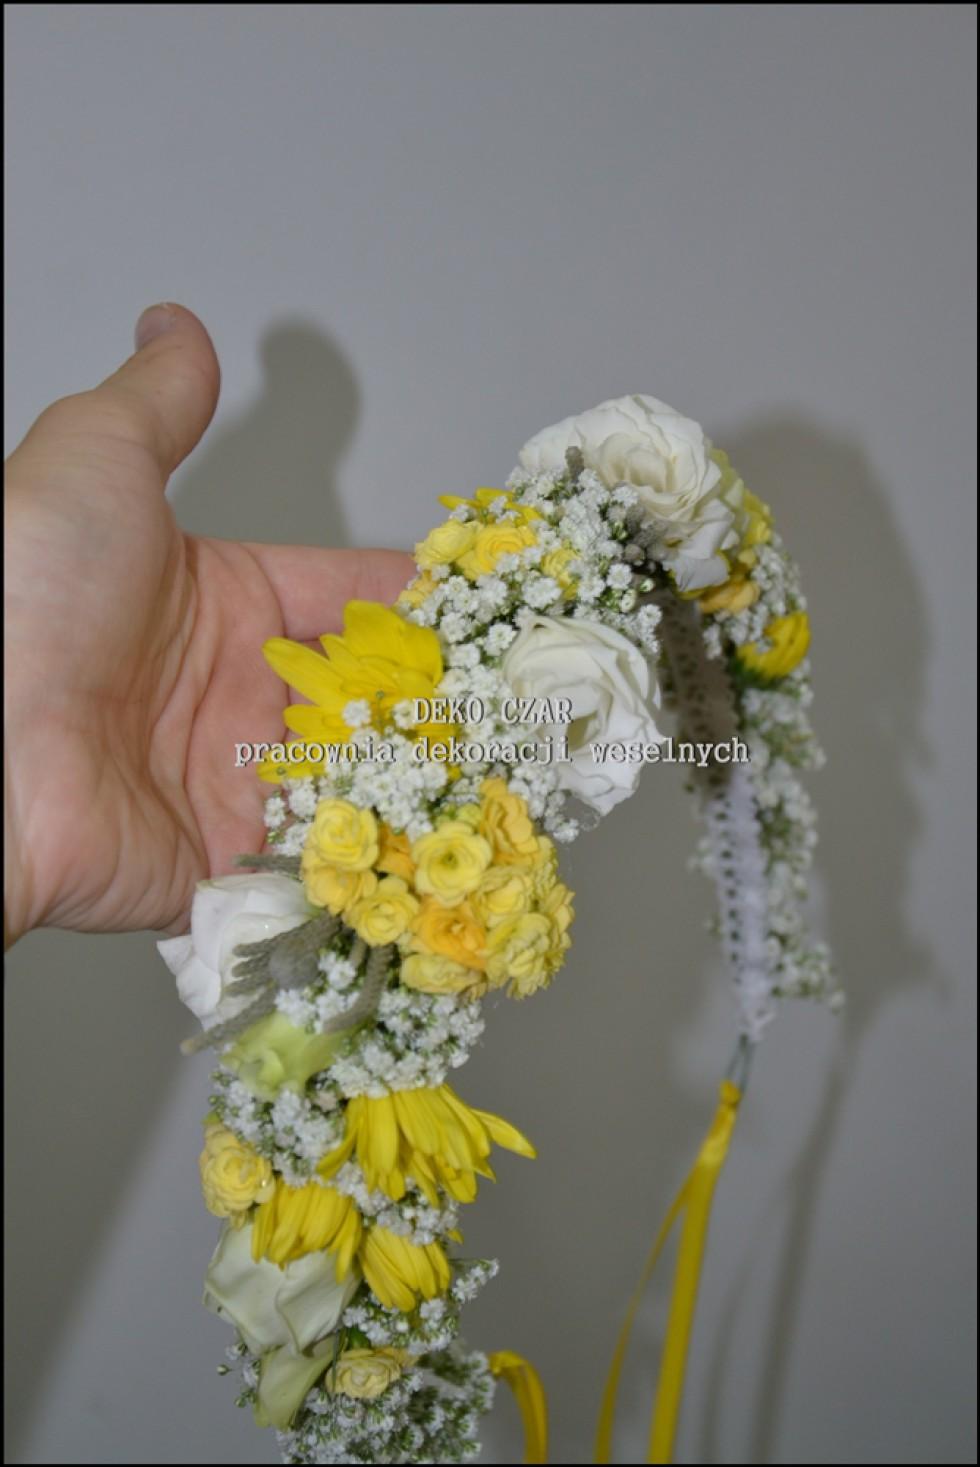 9 florystyka Olesno